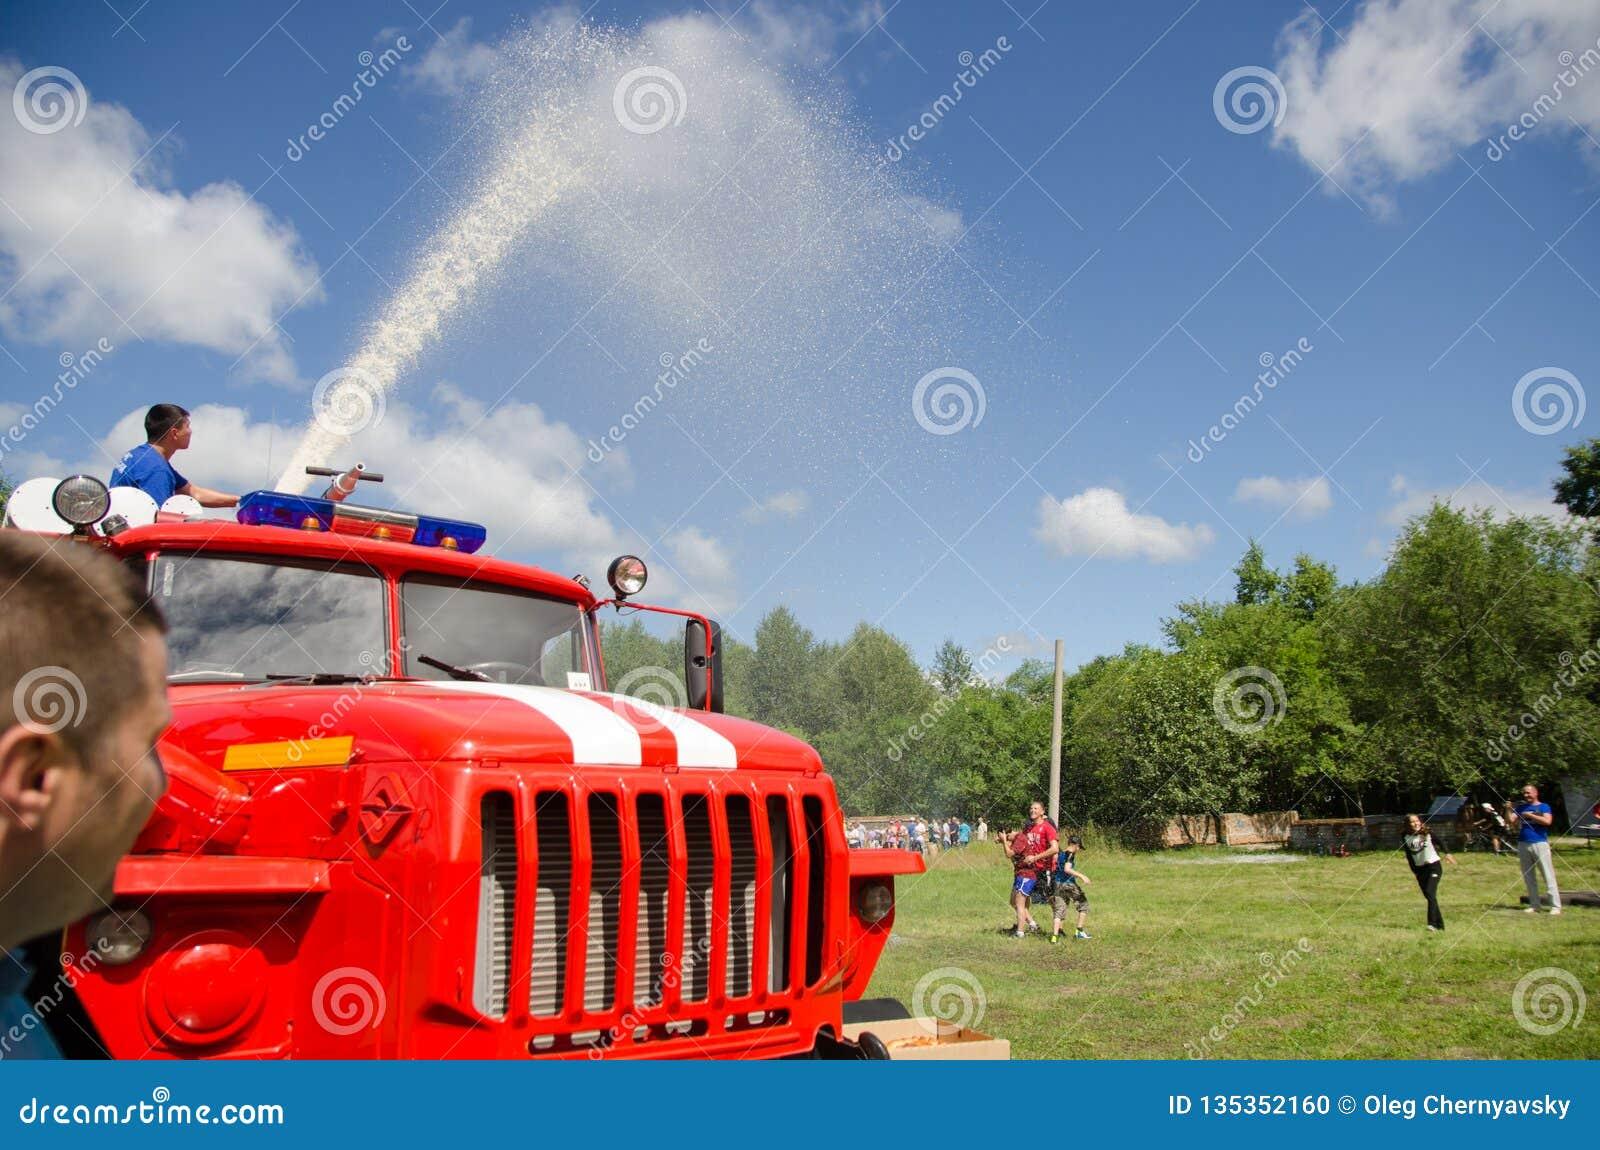 Тележка пожарного горящая льет воду от карамболя огня на радостных участниках в любительских конкуренциях